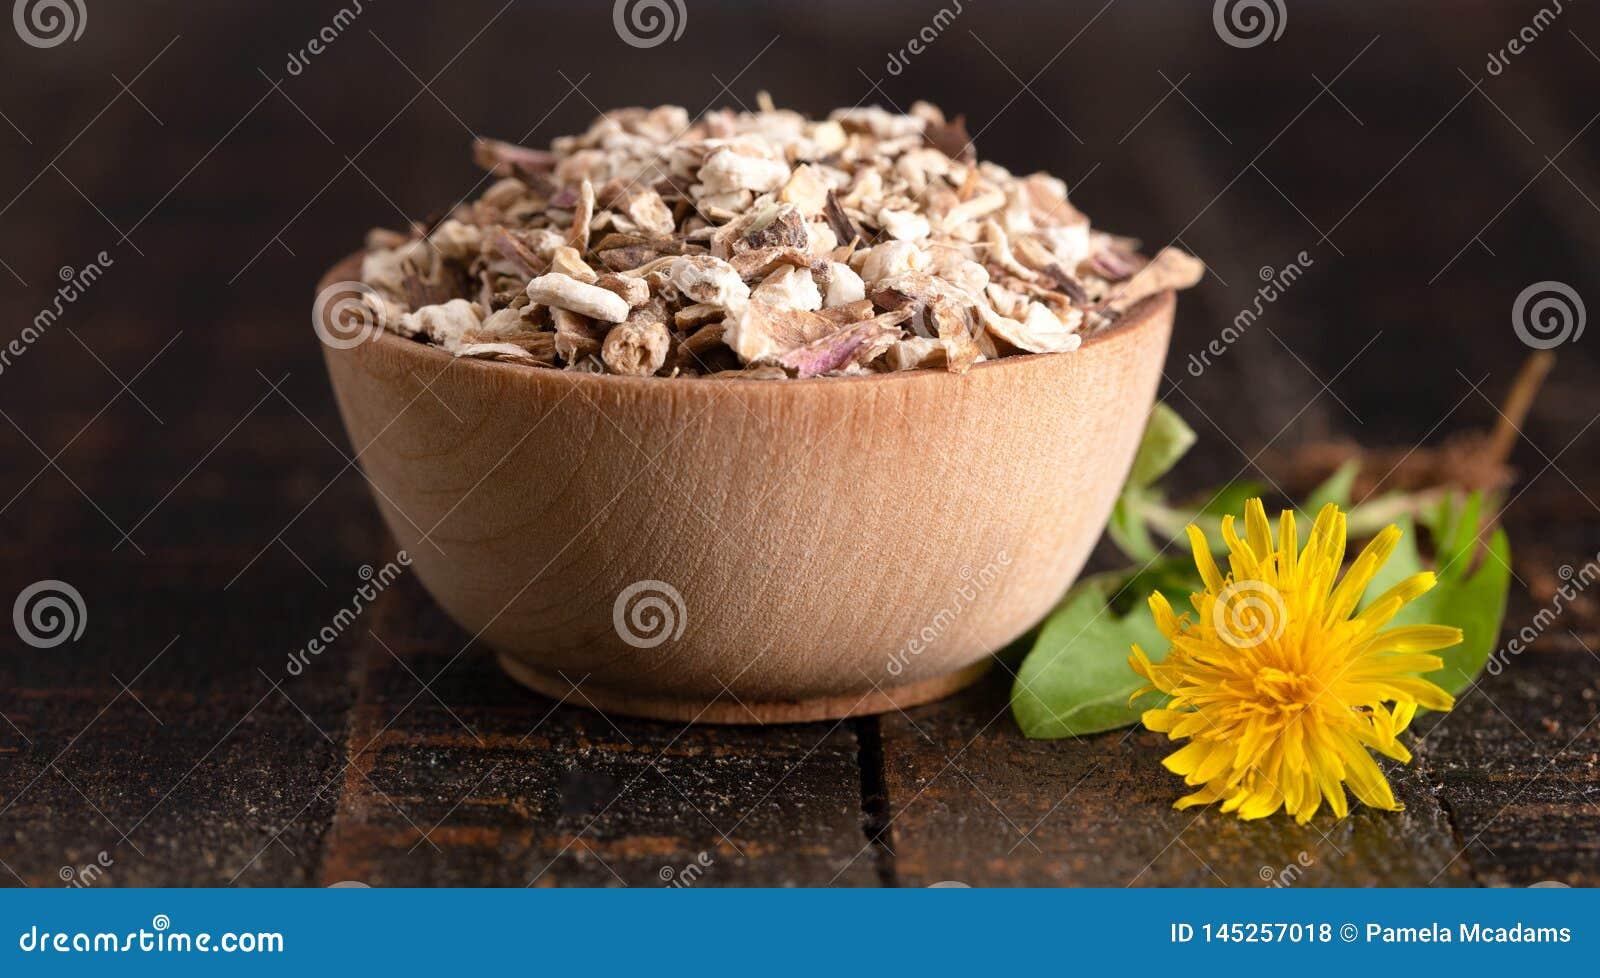 Puchar Odwodniony Dandelion korzeń na Nieociosanym Drewnianym stole